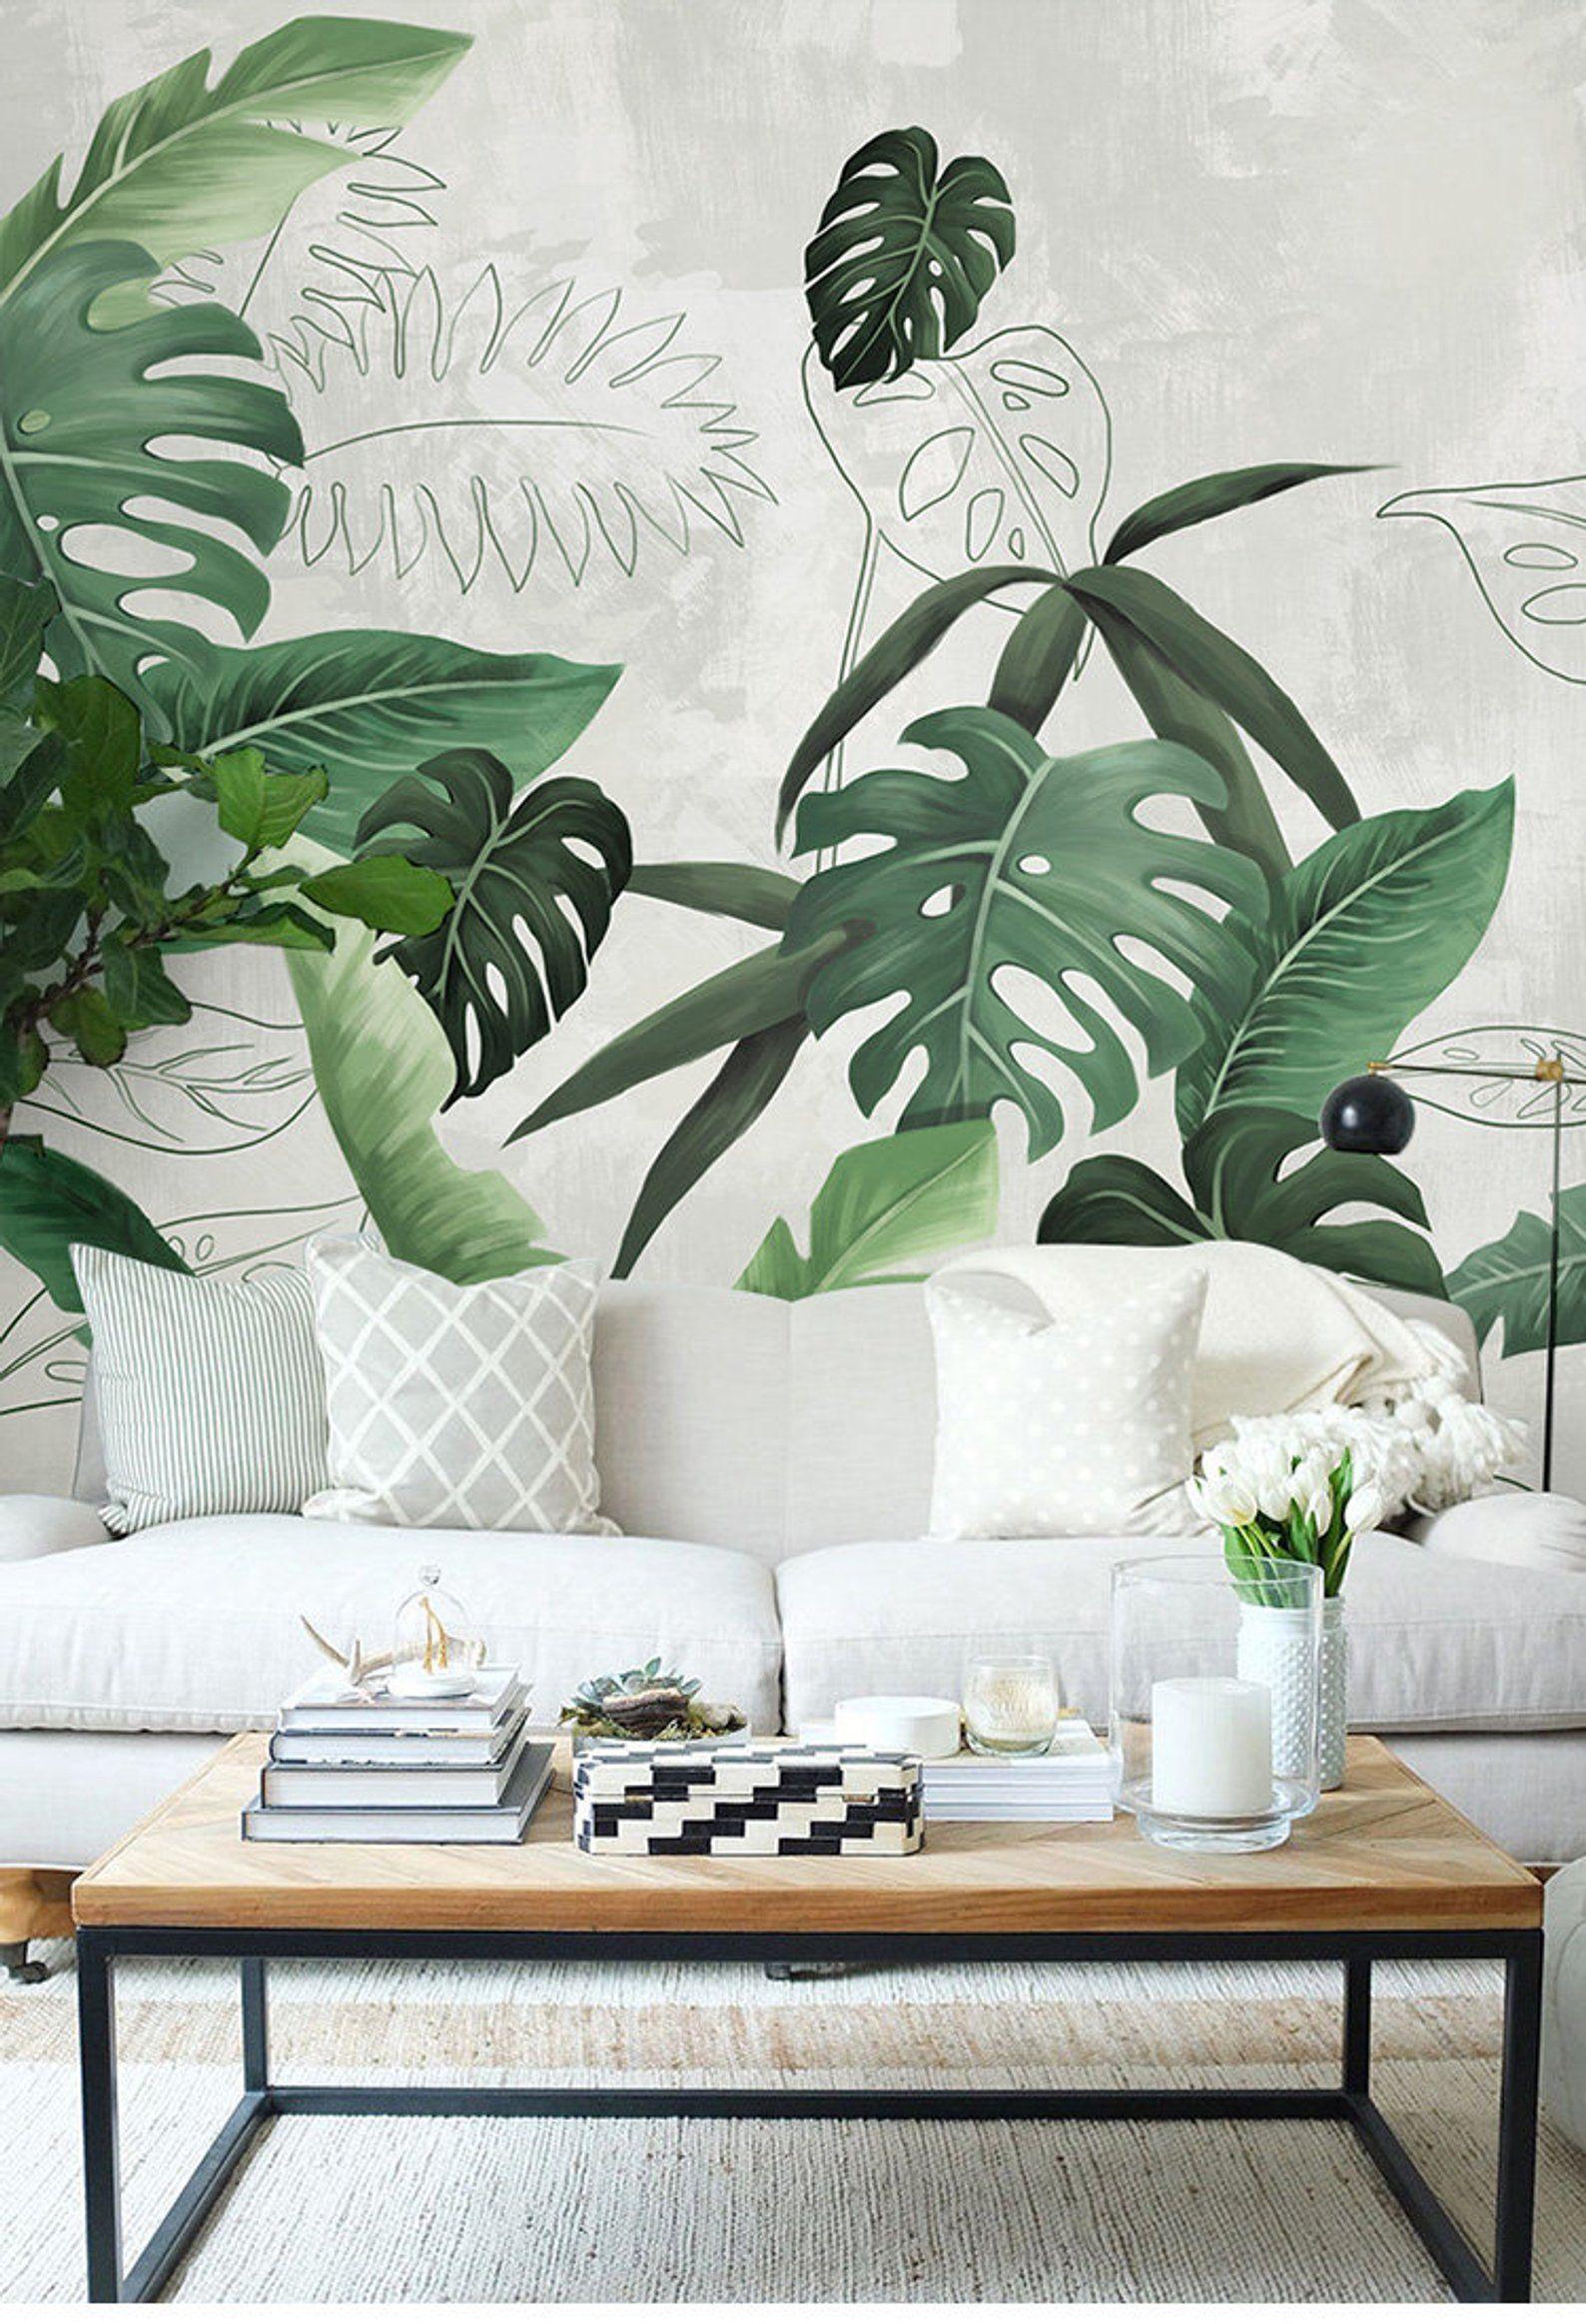 Best Southeast Asian Rainforest Plant Wall Murals Wall Decor 400 x 300